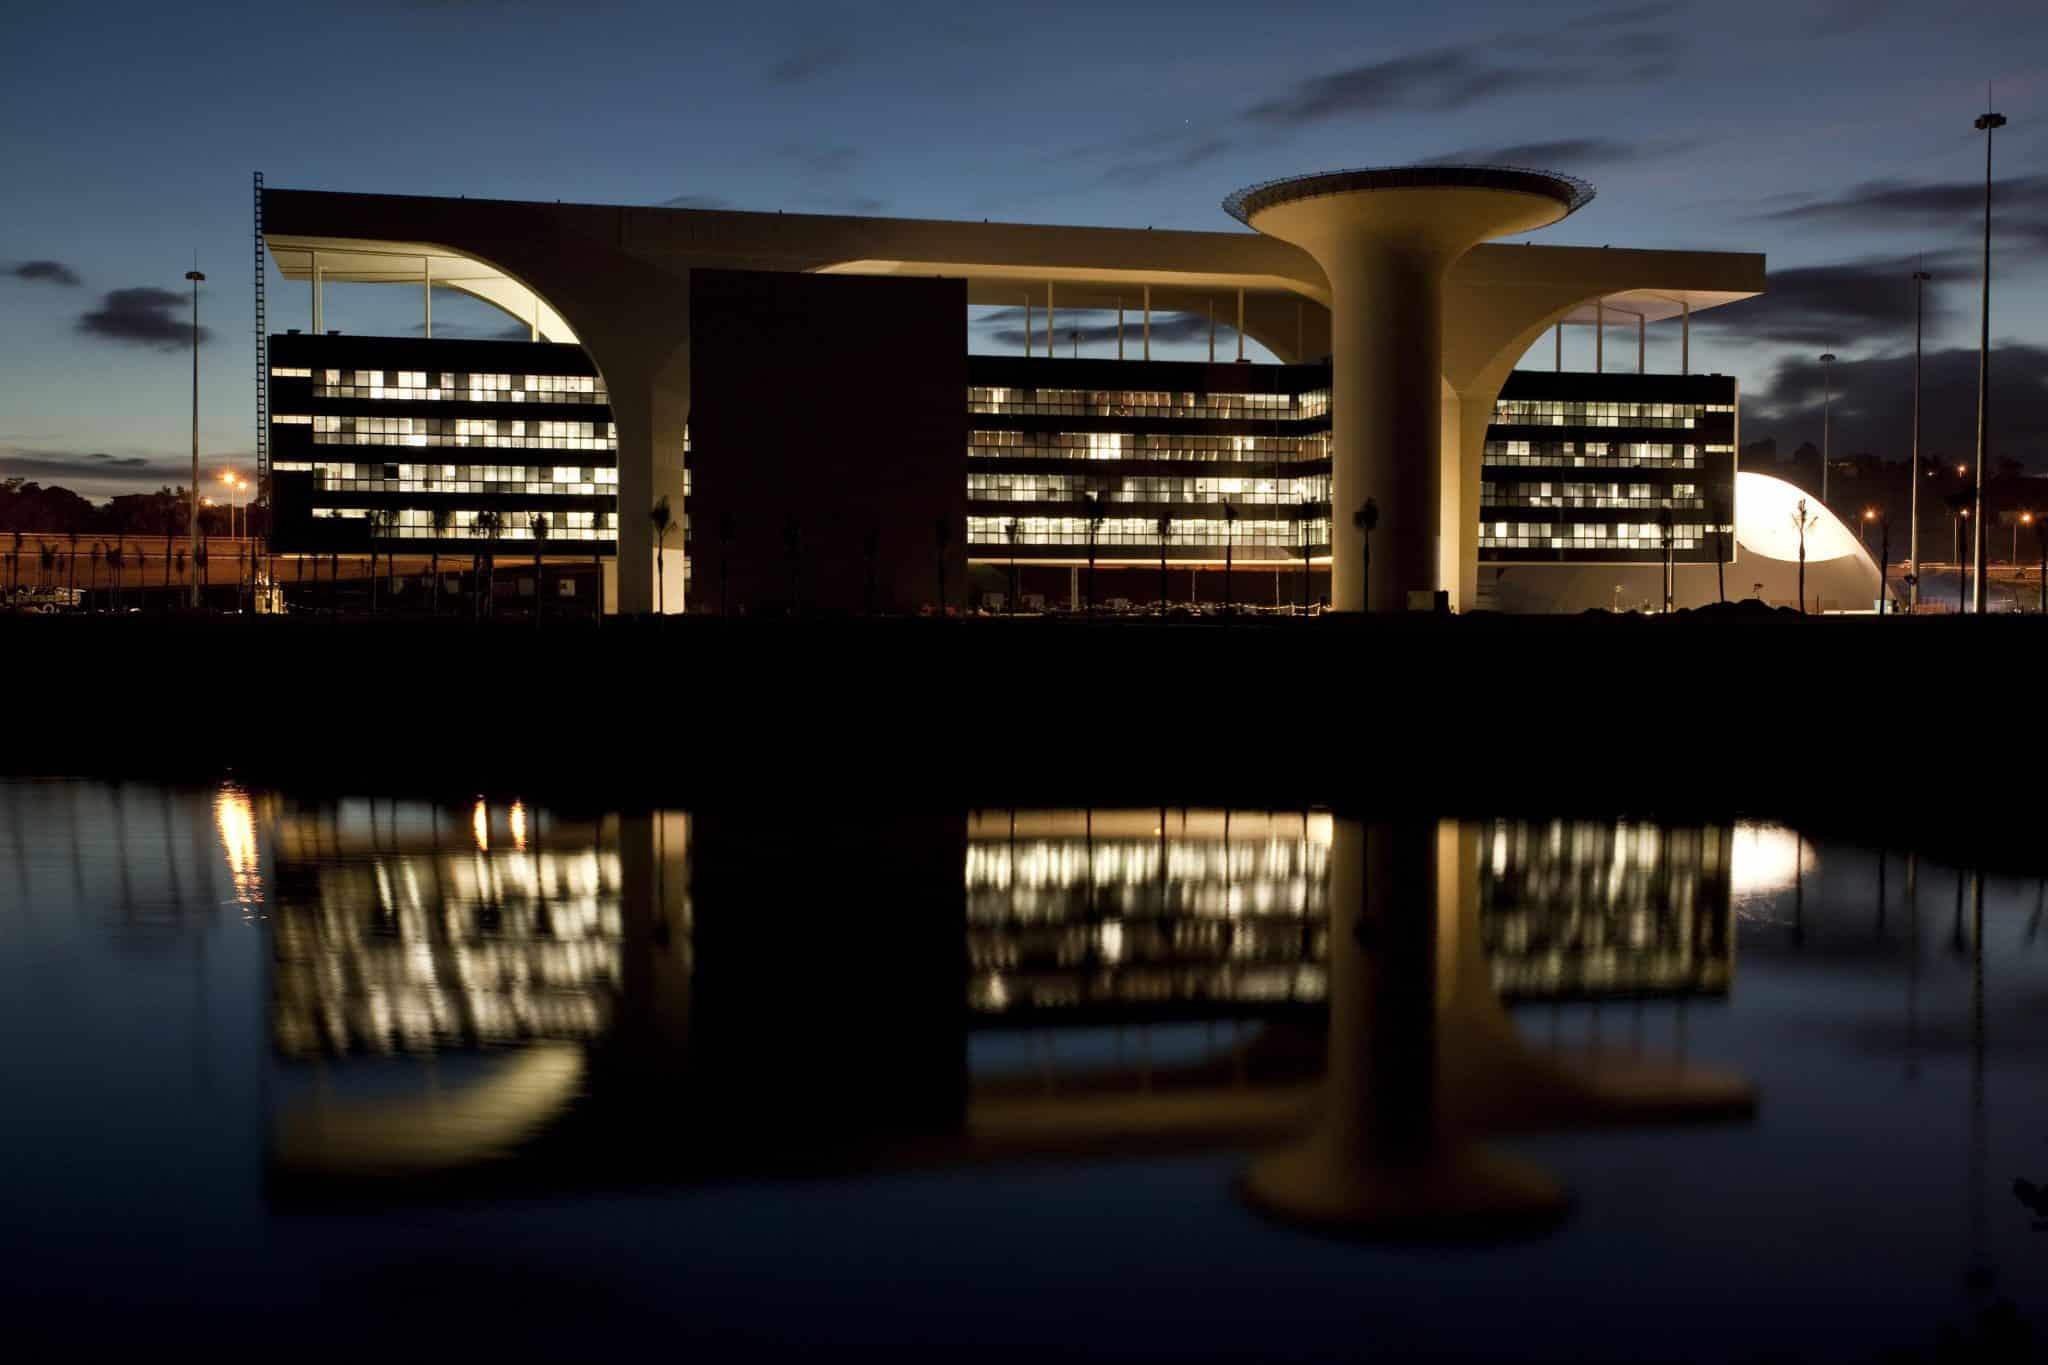 osscar niemeyer a arquiteta3 - Maiores arquitetos brasileiros: conheça os principais nomes da nossa arquitetura